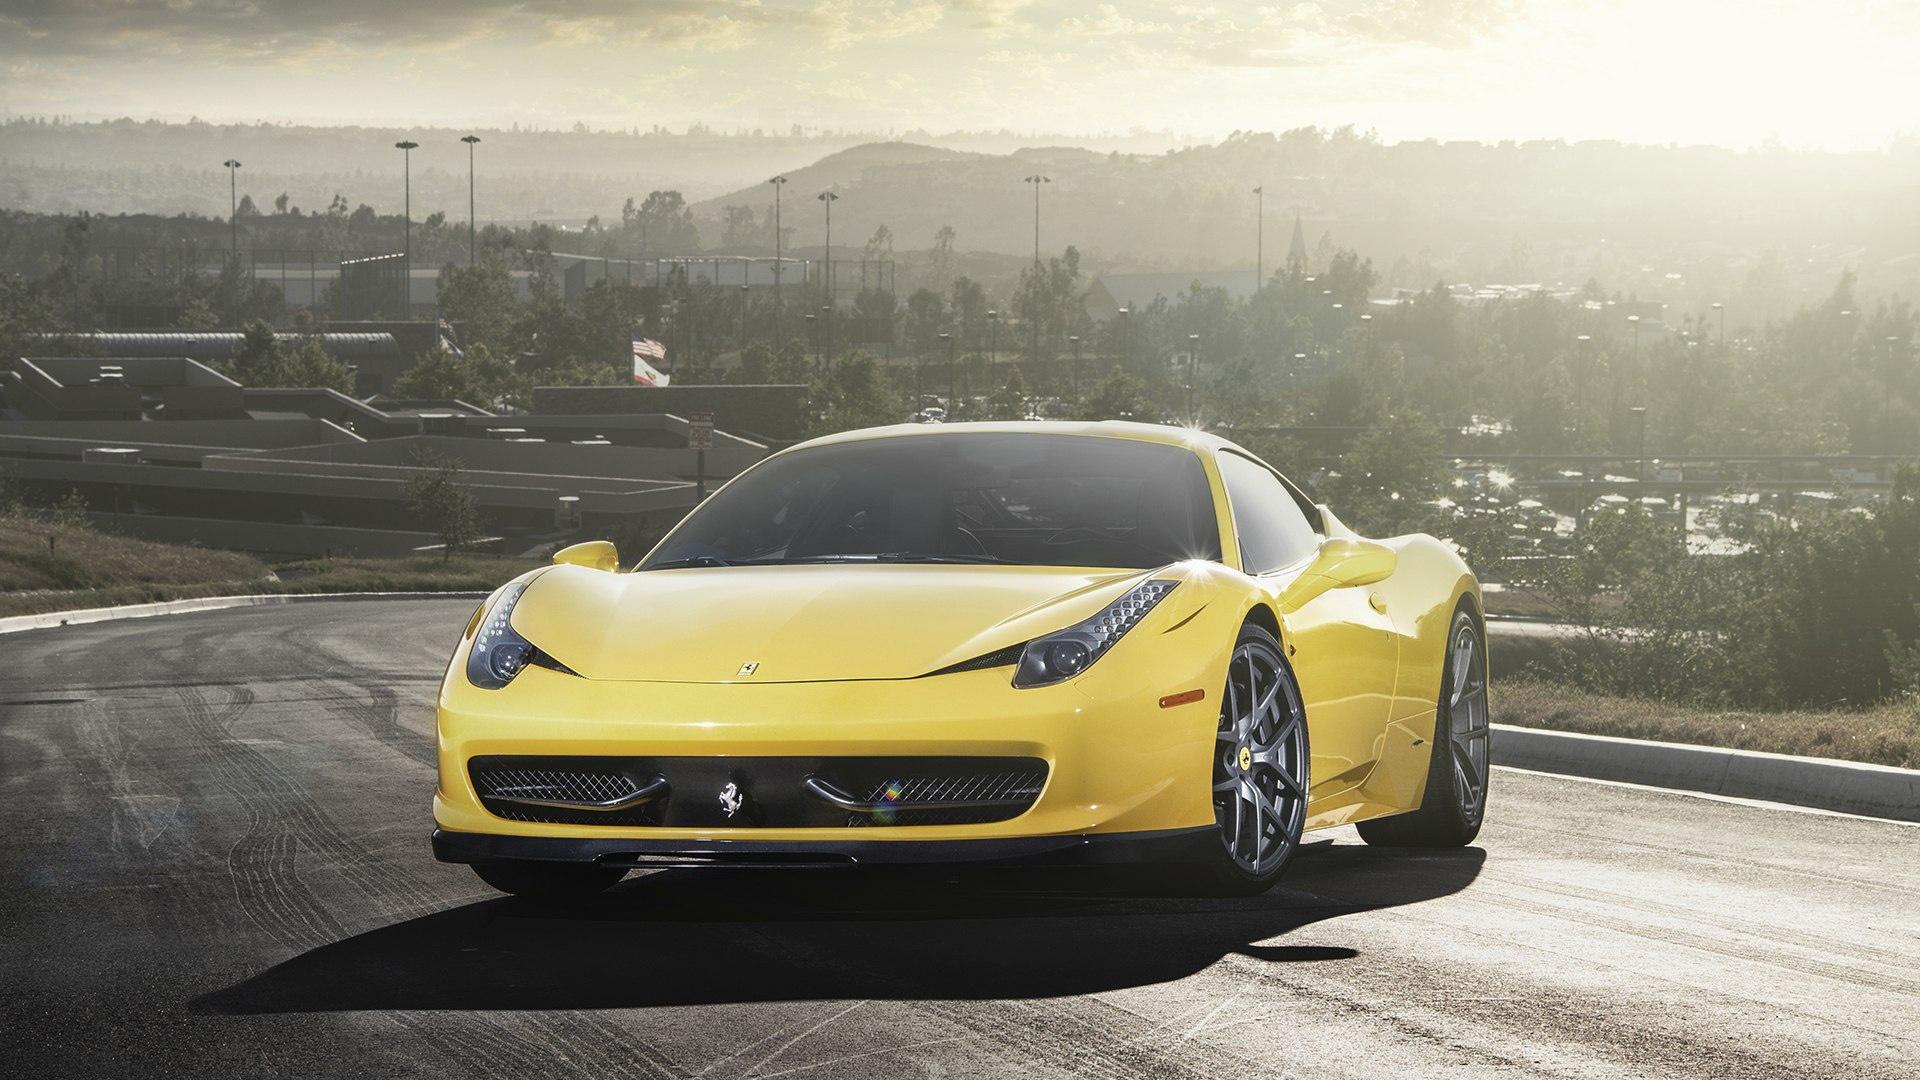 Hd Wallpaper 2 Luxury Cars 56 Fondos De Pantalla De Ferrari Wallpaperrs Hd De Coches